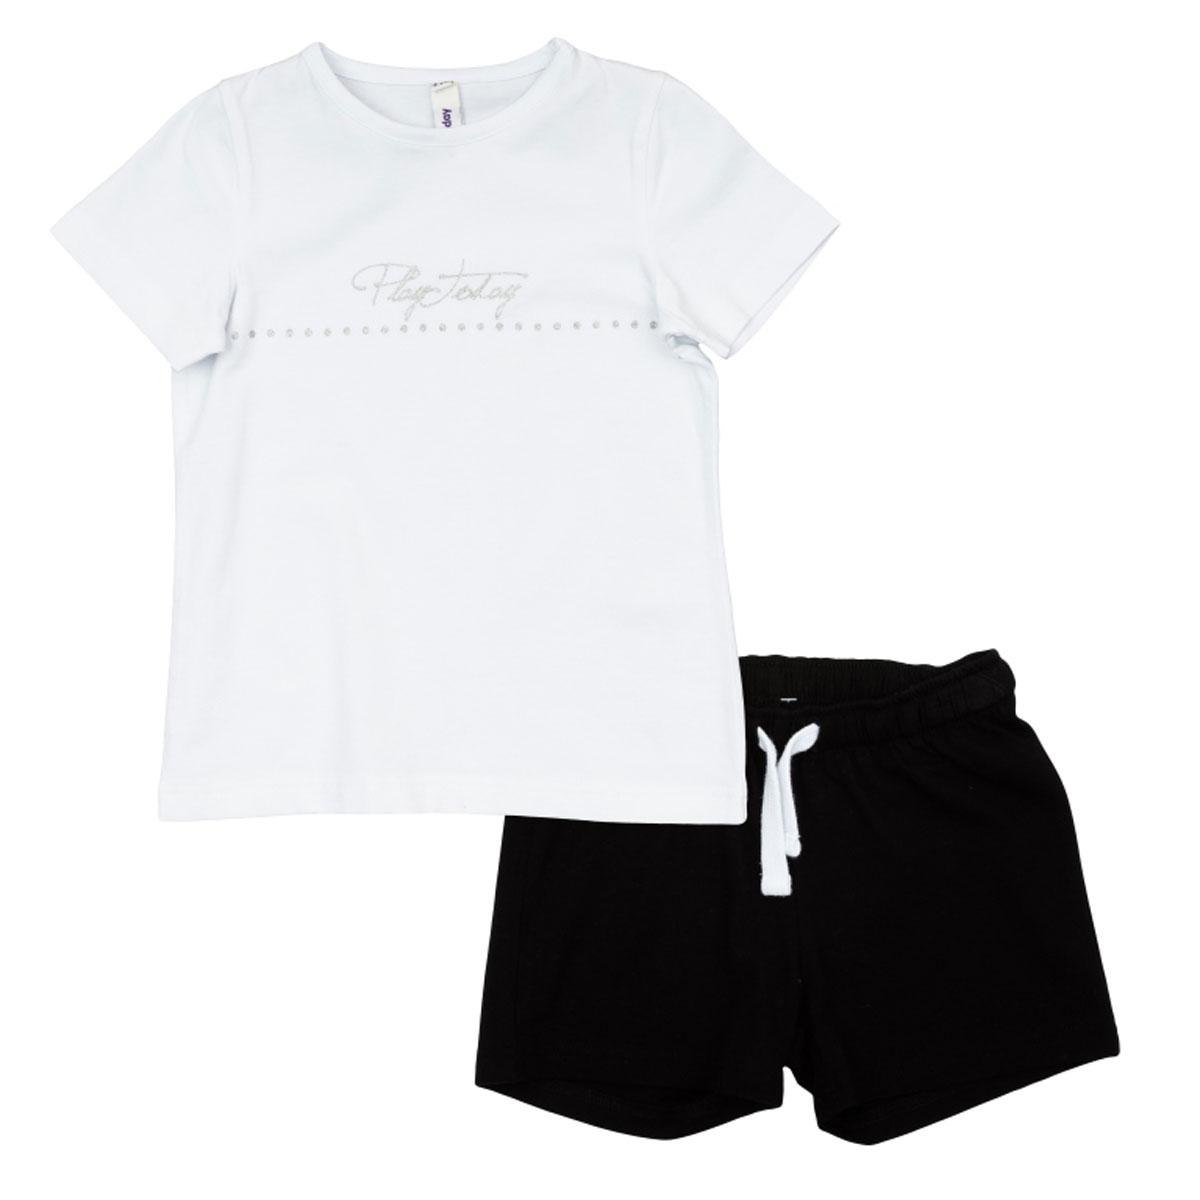 369007Комплект из футболки и шорт в спортивном стиле. Классическое сочетание белого верха и черного низа. Футболка украшена сверкащим глиттерным принтом. Пояс шорт на резинке, дополнительно регулируется контрастным белым шнурком.